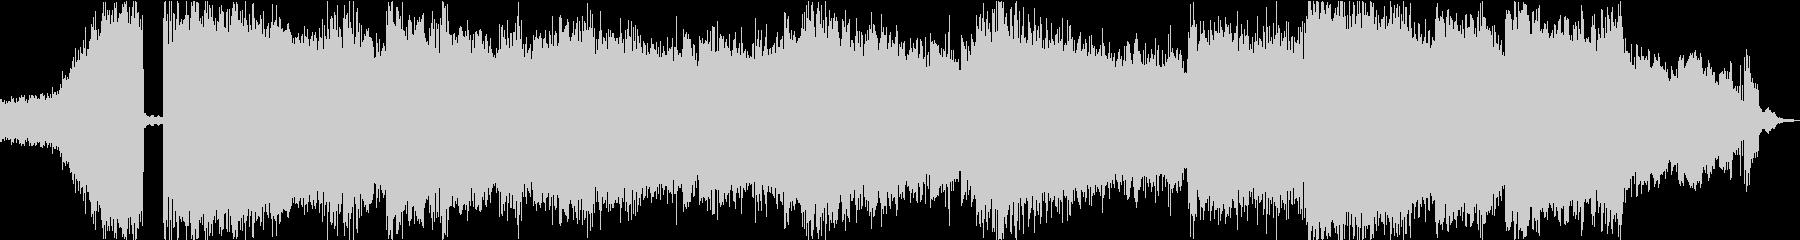 切ない爆音ギターのサウンドロゴの未再生の波形